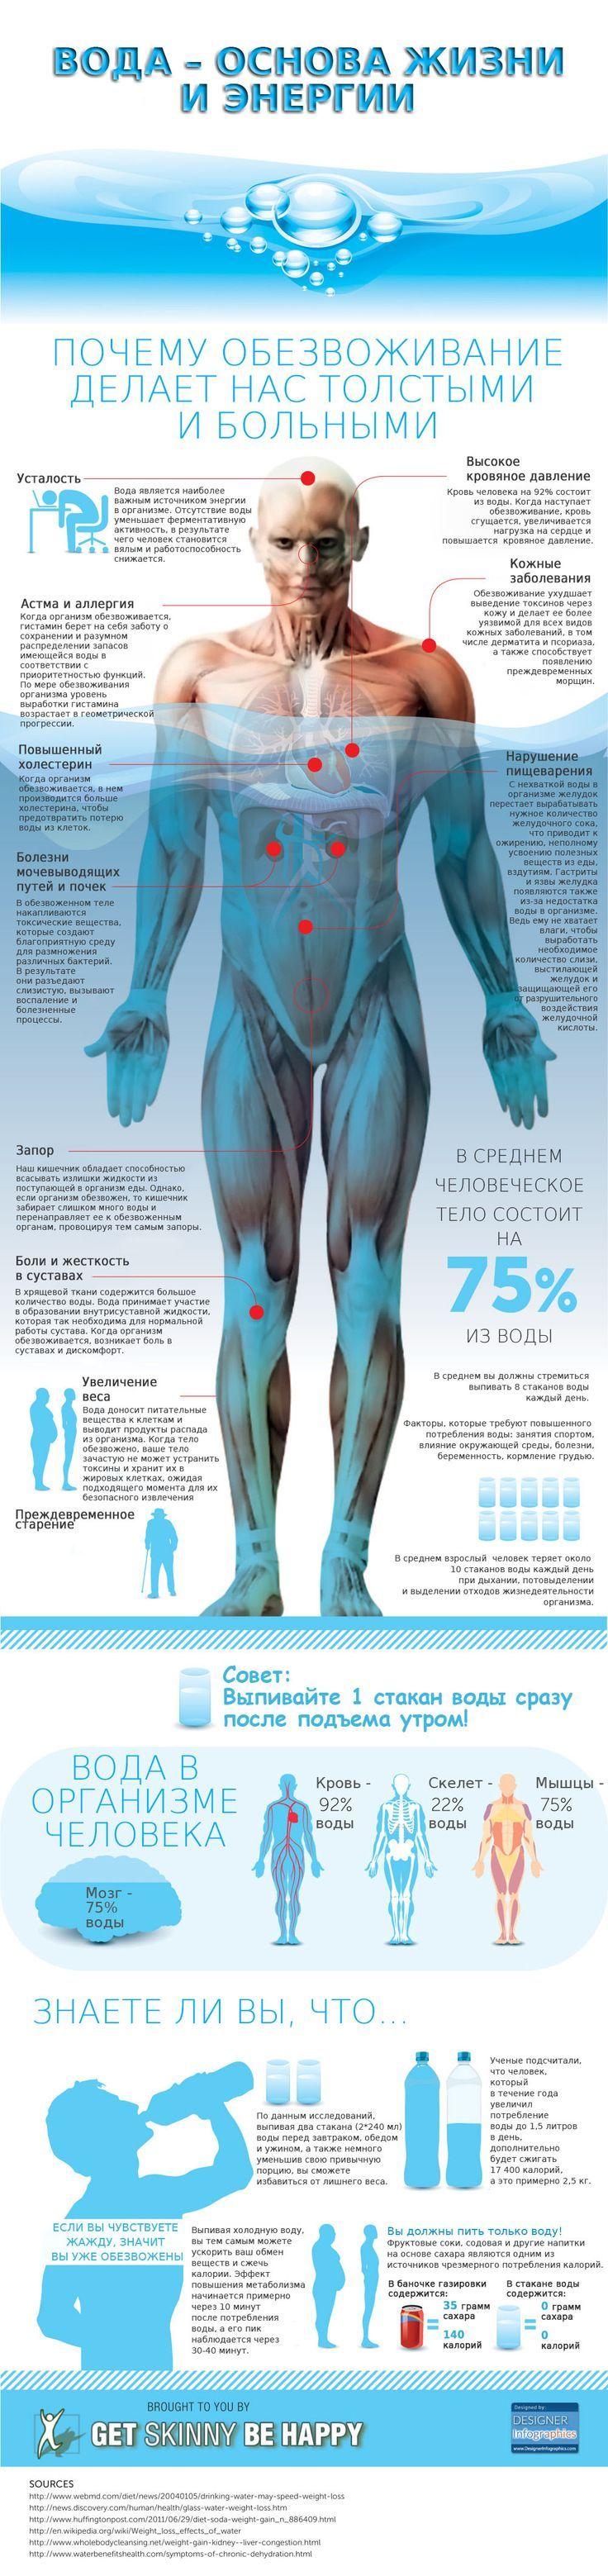 Вода http://lifehacker.ru/2013/11/14/infografika-zachem-nuzhno-pit-vodu/: